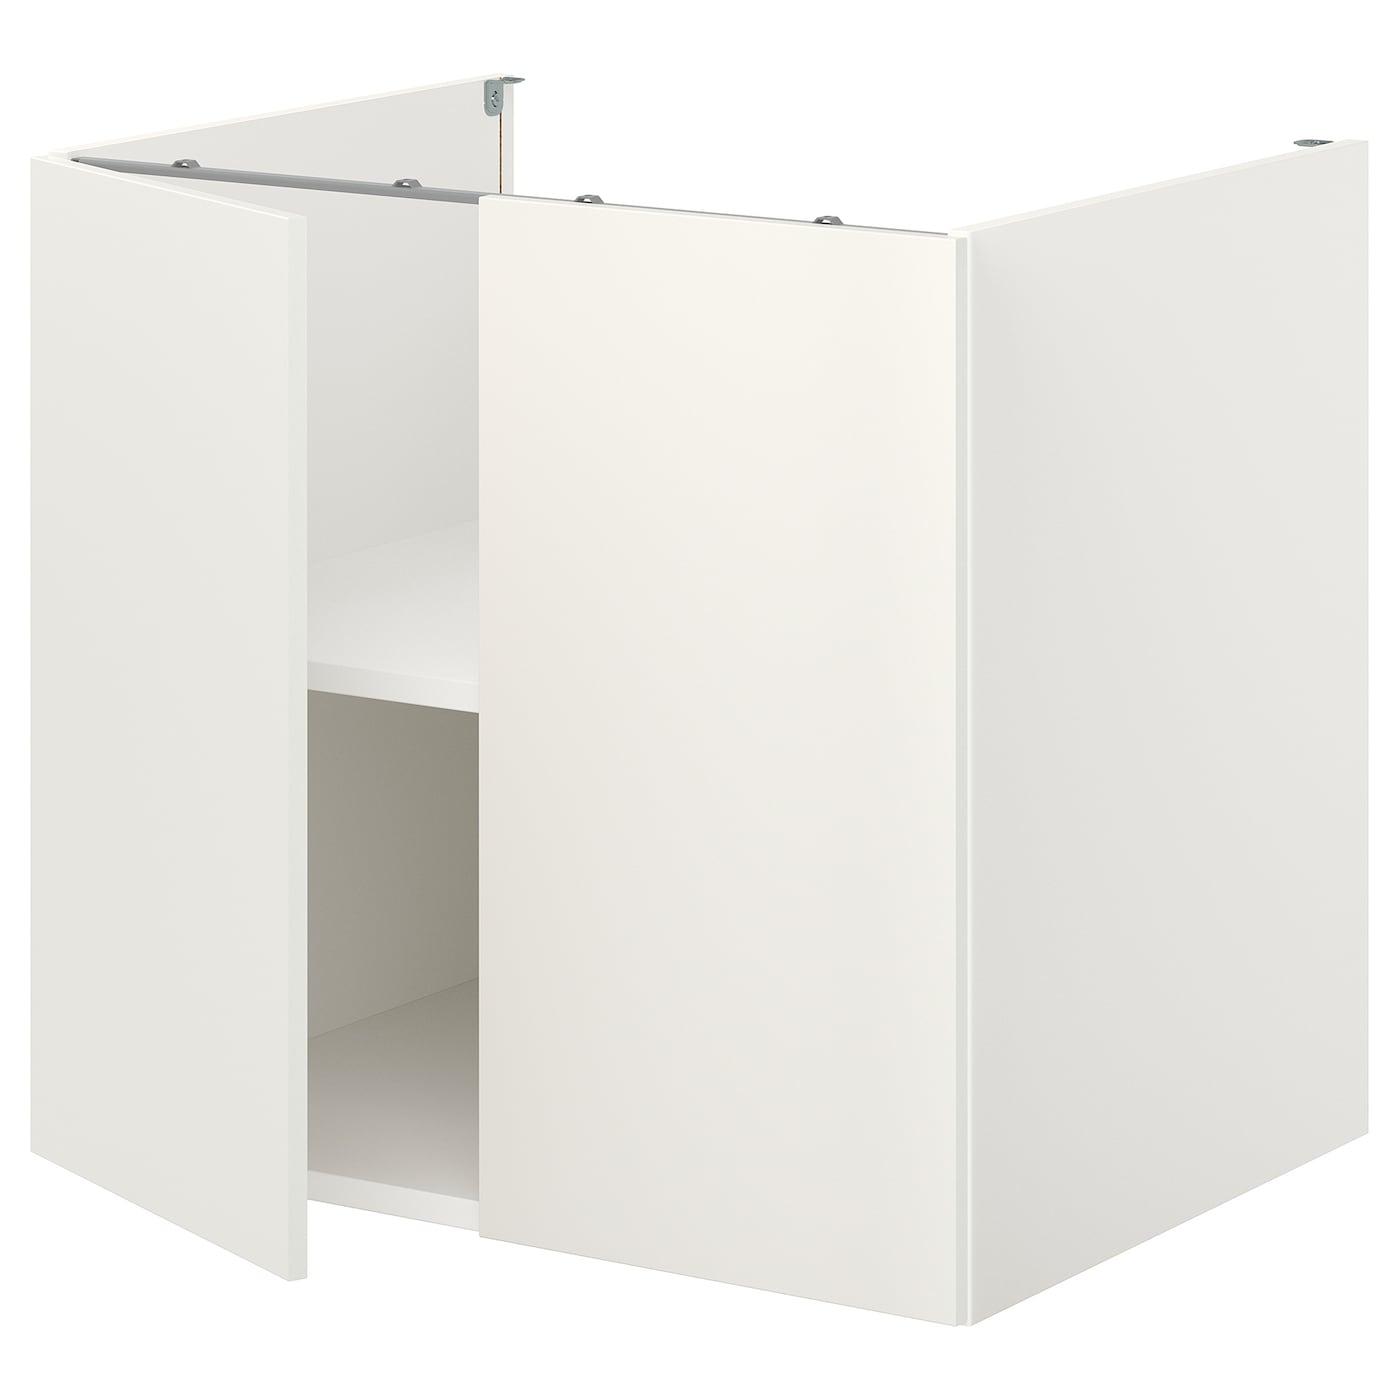 ENHET Unterschrank mit Boden/Türen   weiß 20x20x20 cm